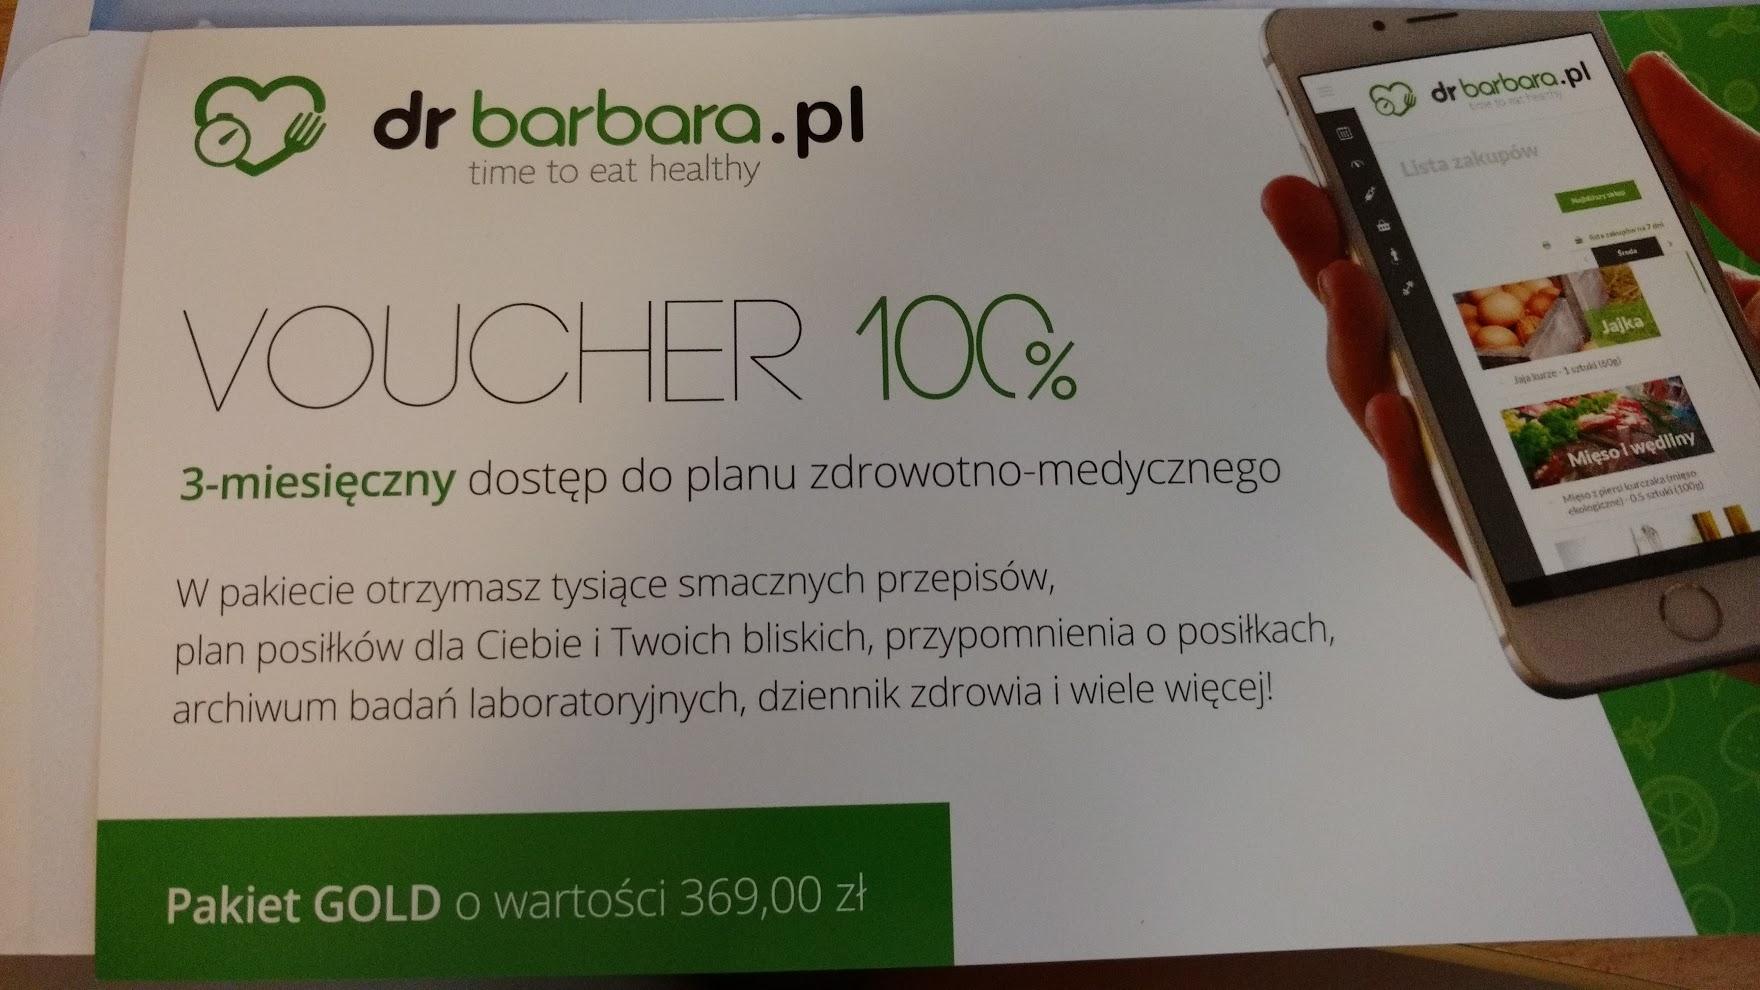 36-miesięczny dostęp do planu zdrowotno-medycznego drbarbara.pl (na ulotce 3 miesiące)